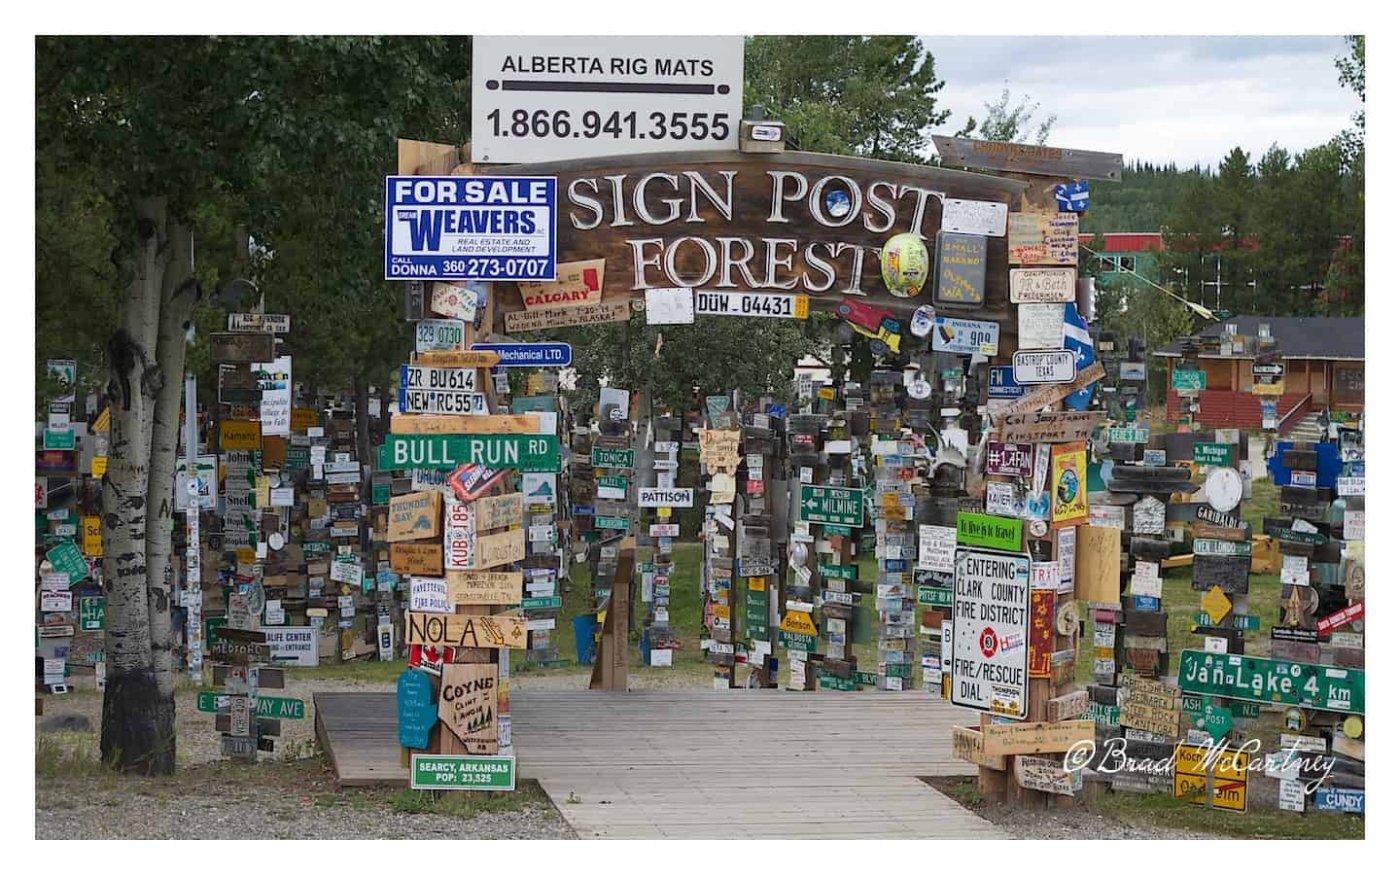 Watson signpost